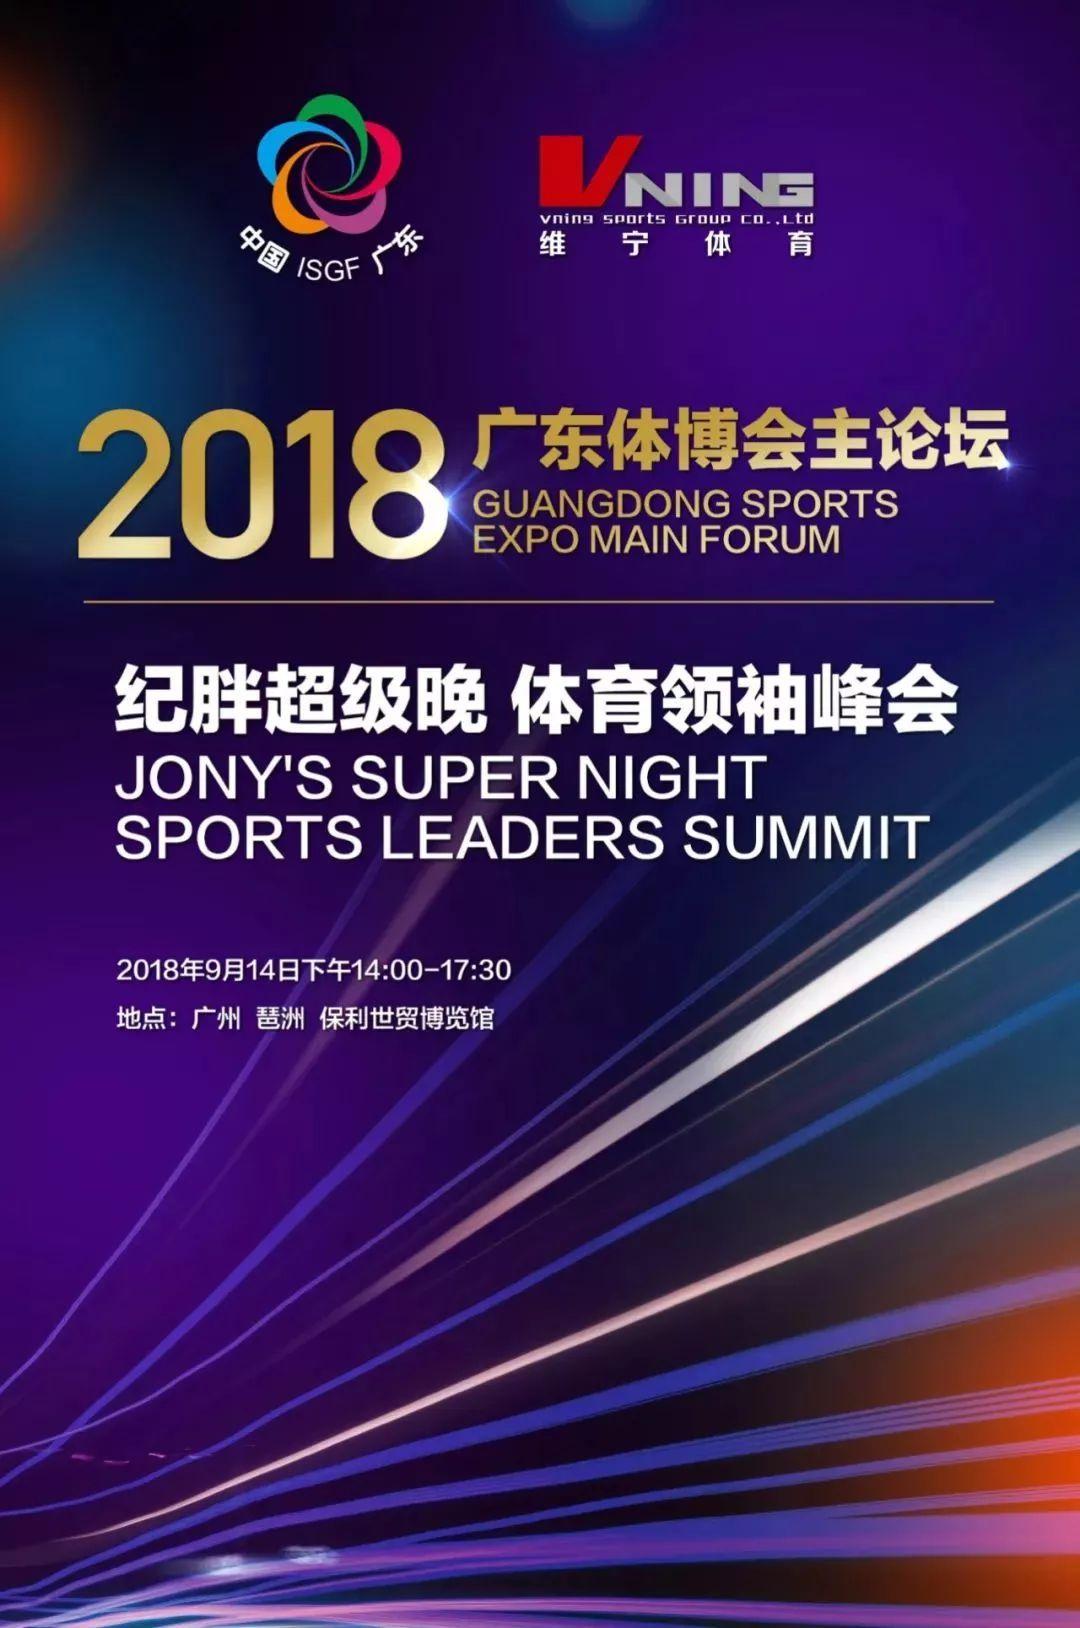 2018广东体博会主论坛·纪胖超级晚体育领袖峰会